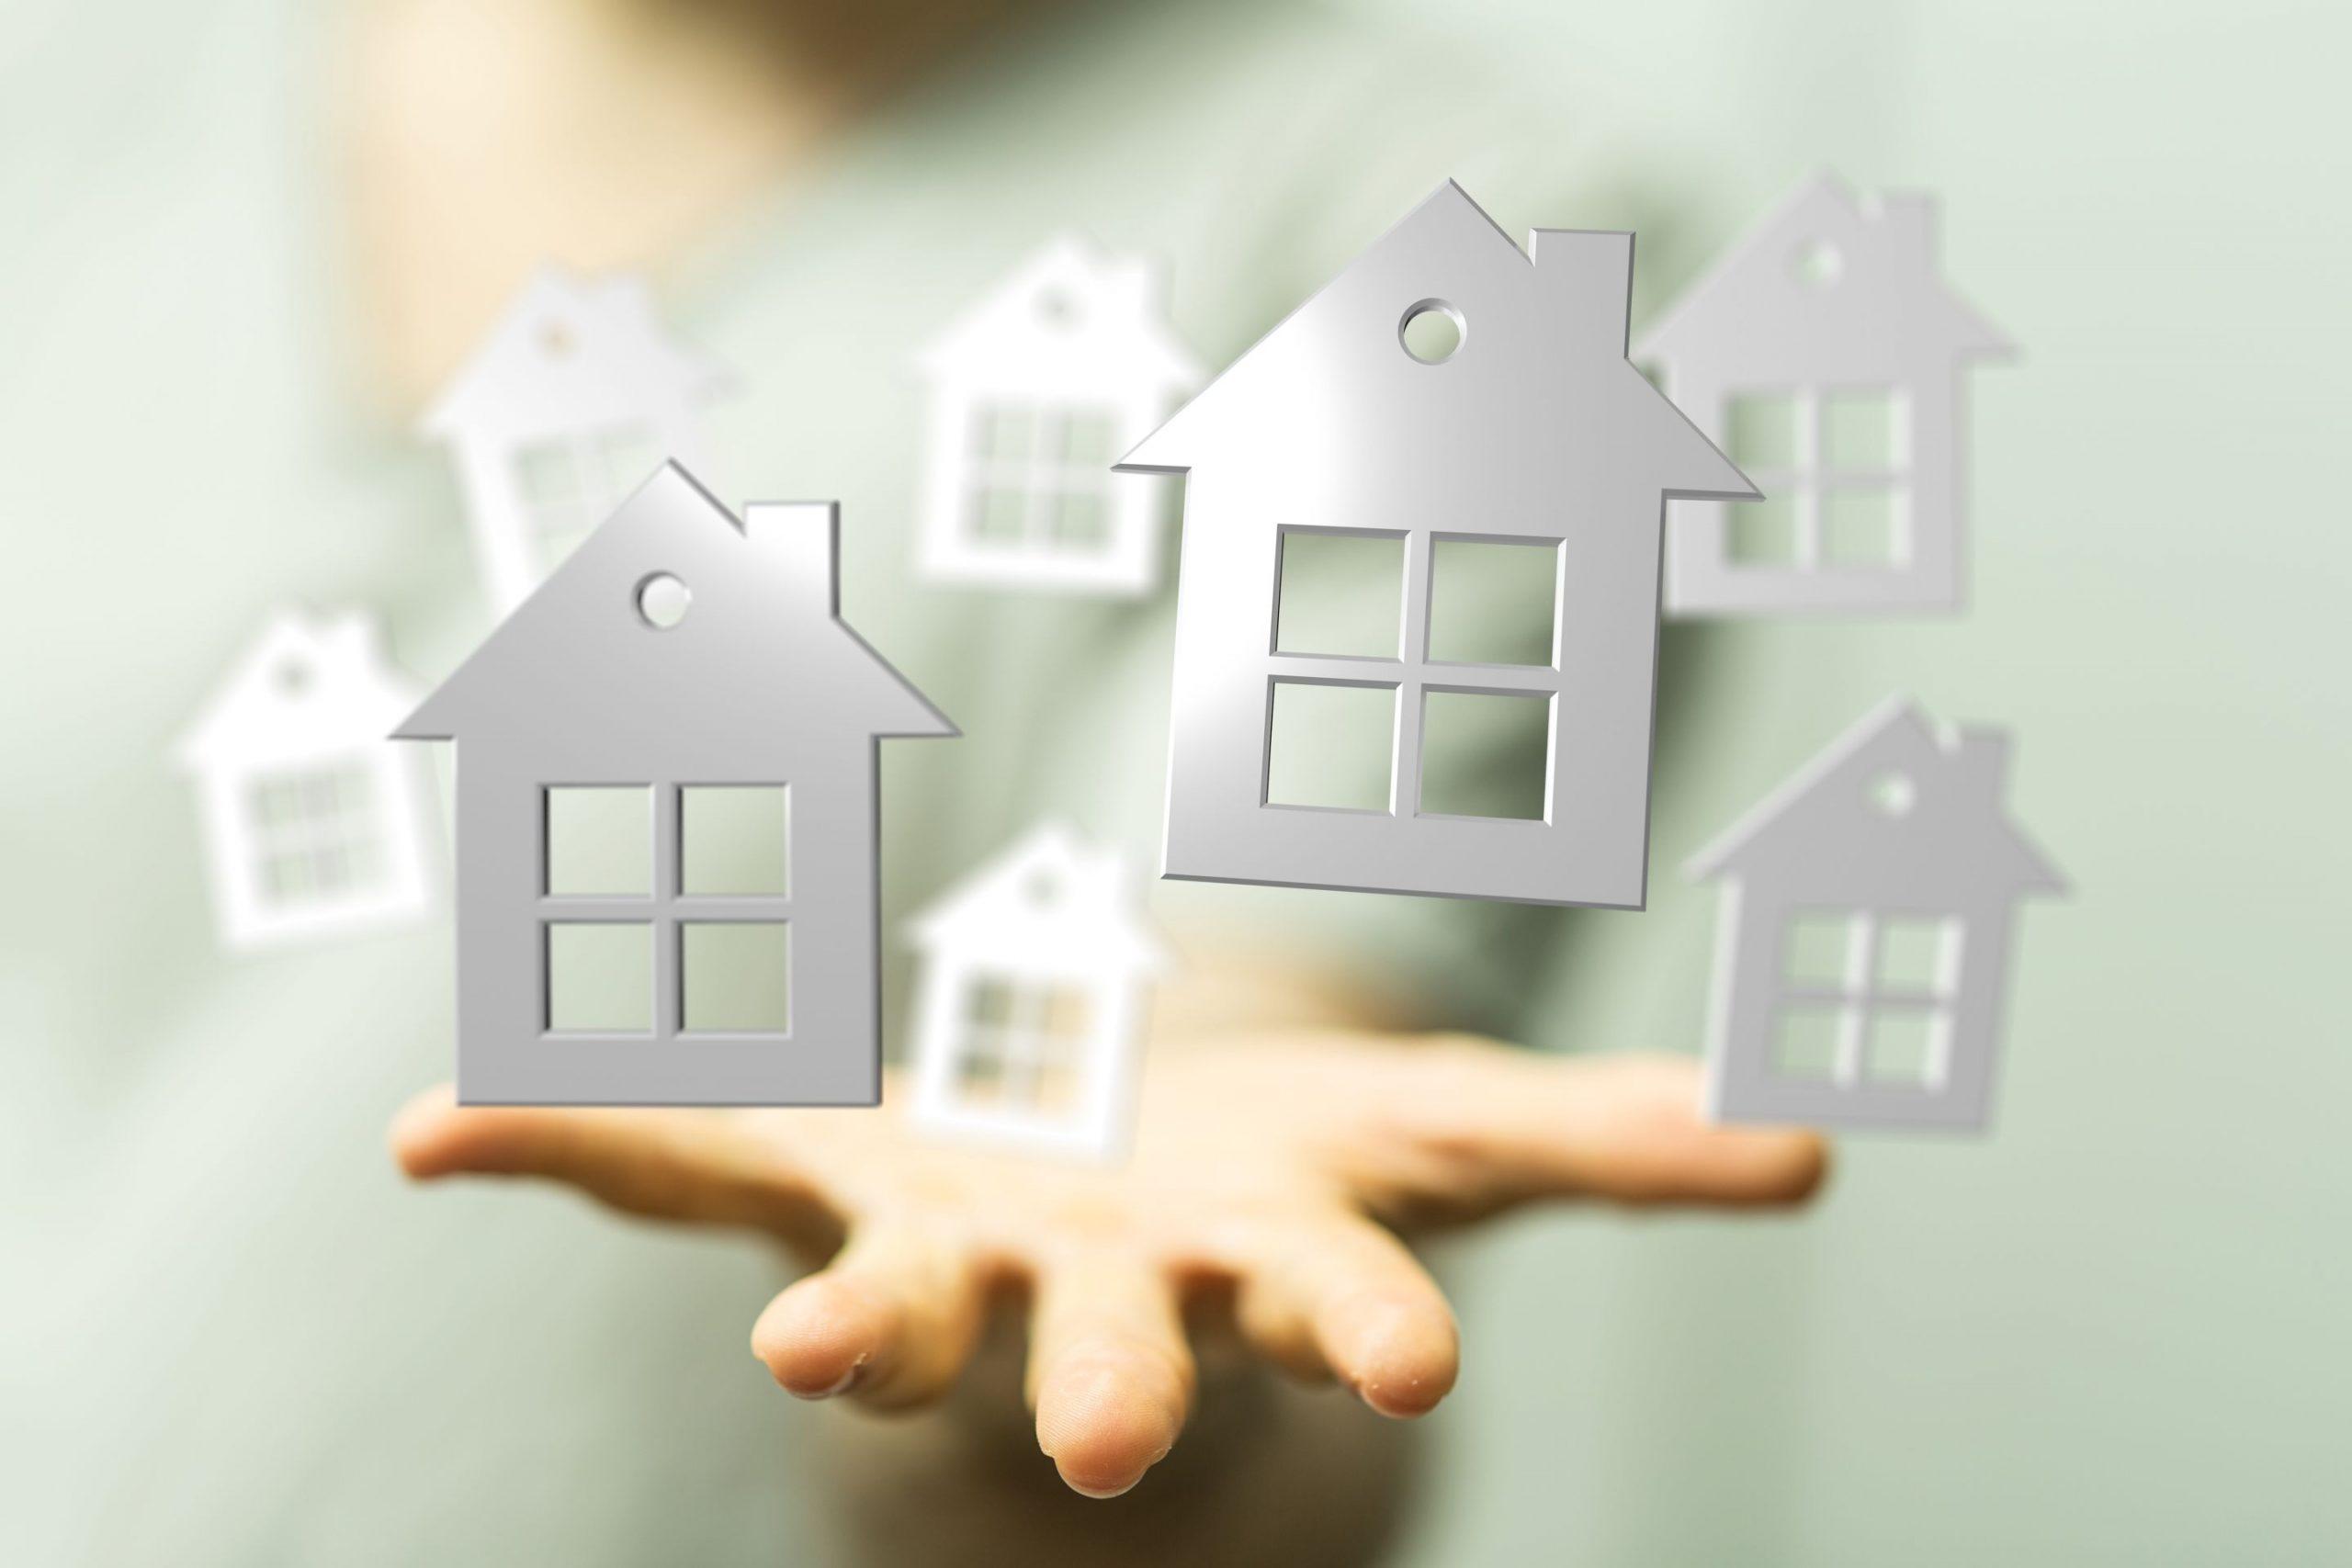 acheter vendre maison anjou courtier